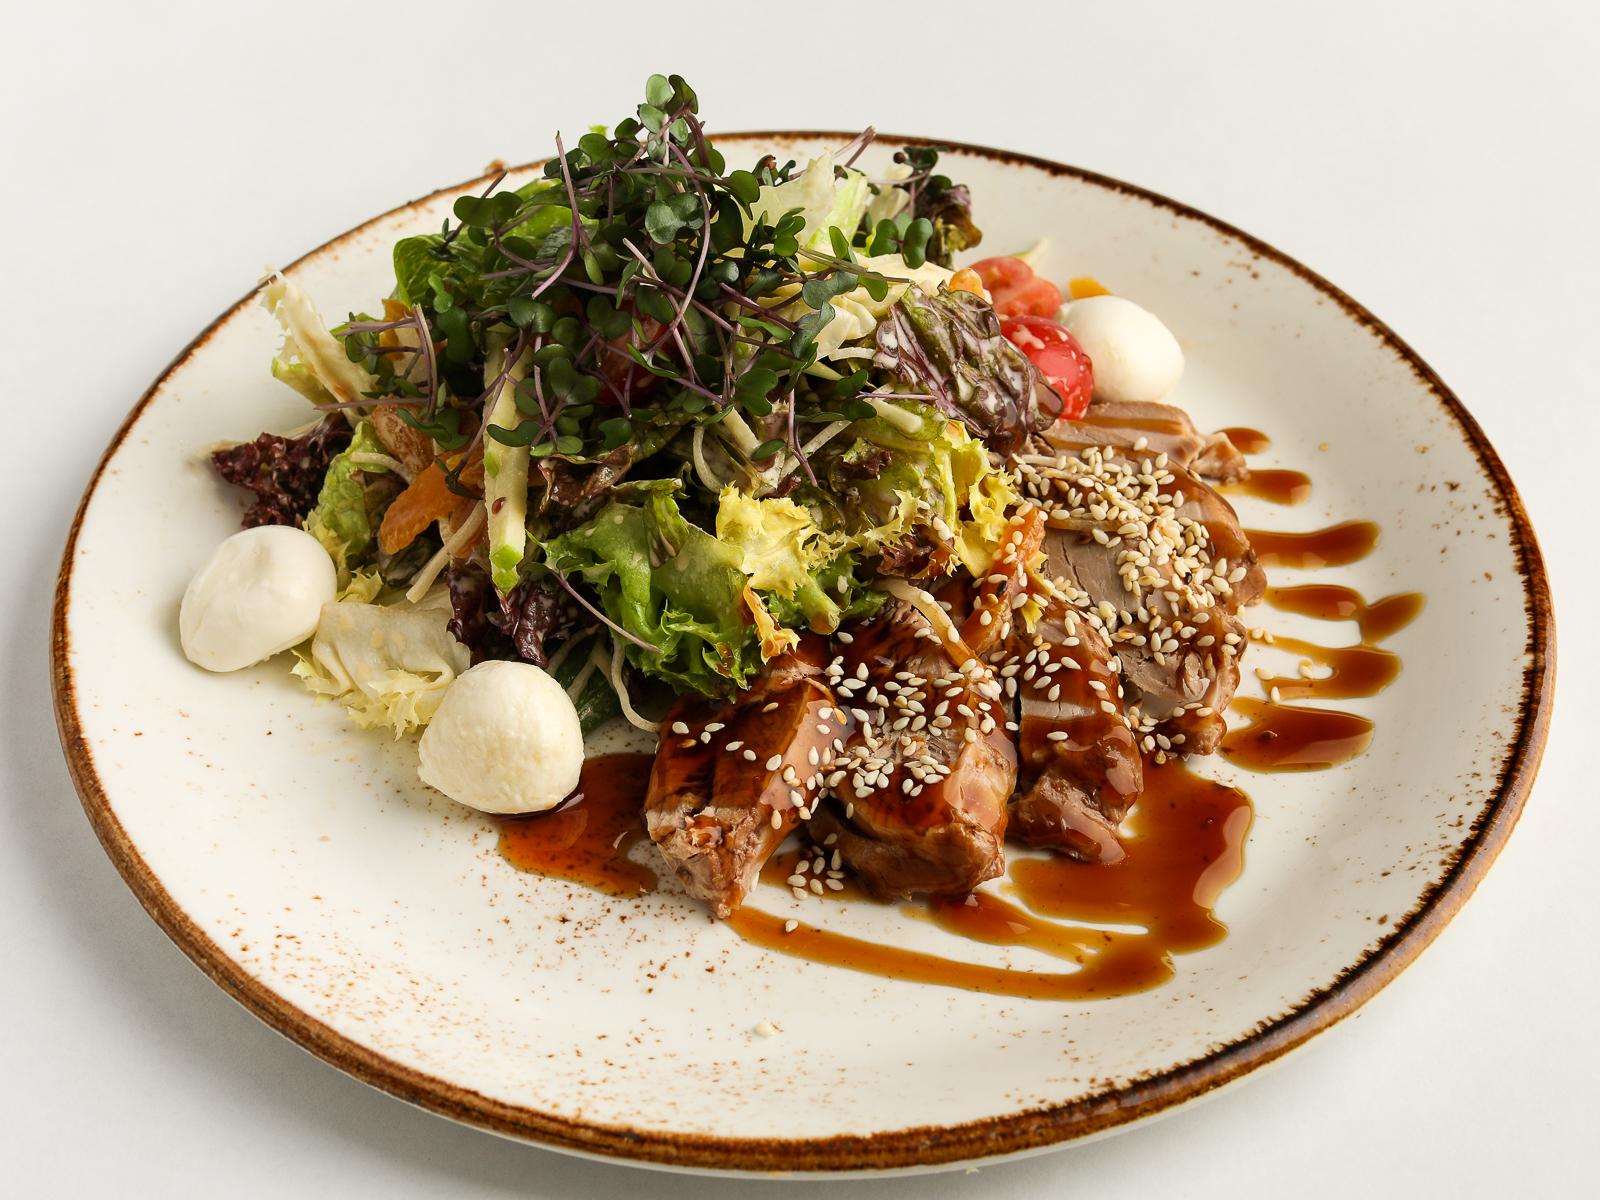 Салат с утиной грудкой, моцареллой, листьями салата, курагой и яблоками